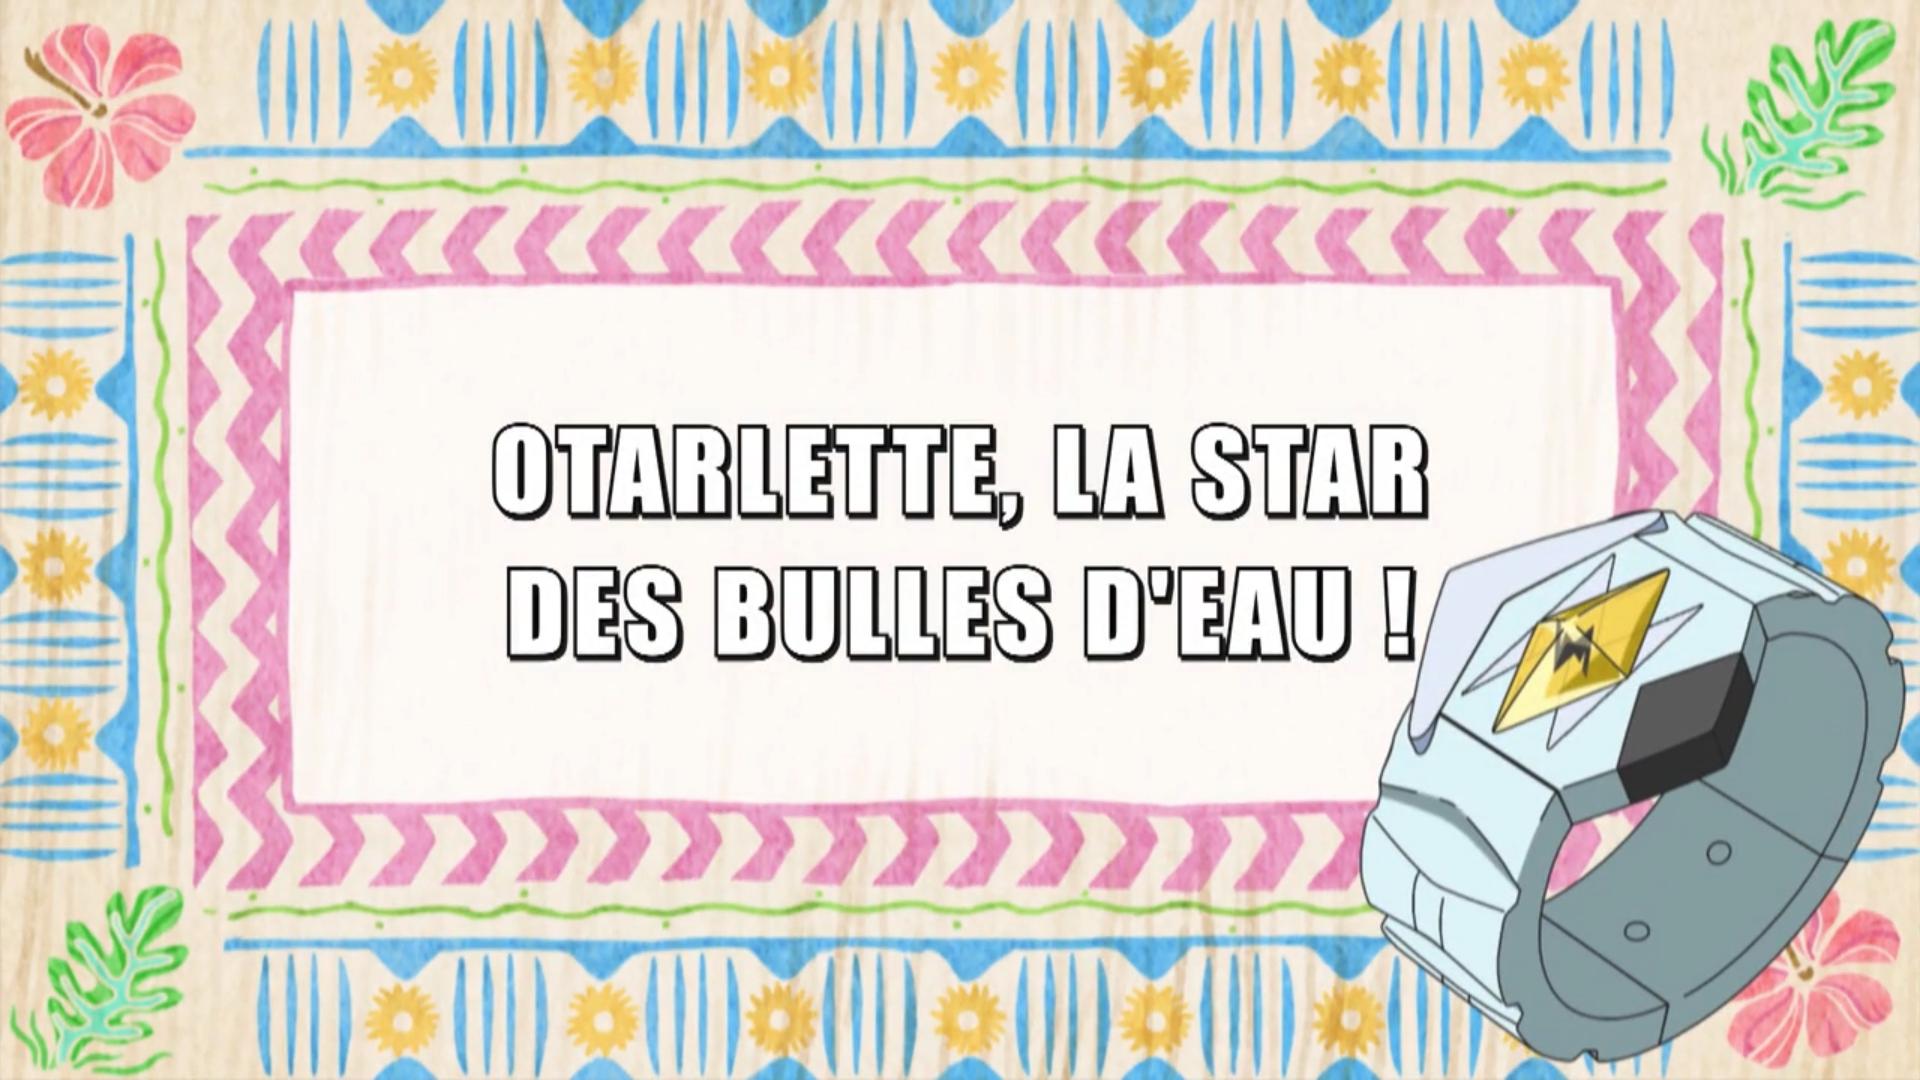 Pokémon - 20x40 - Otarlette, la star des bulles d'eau !